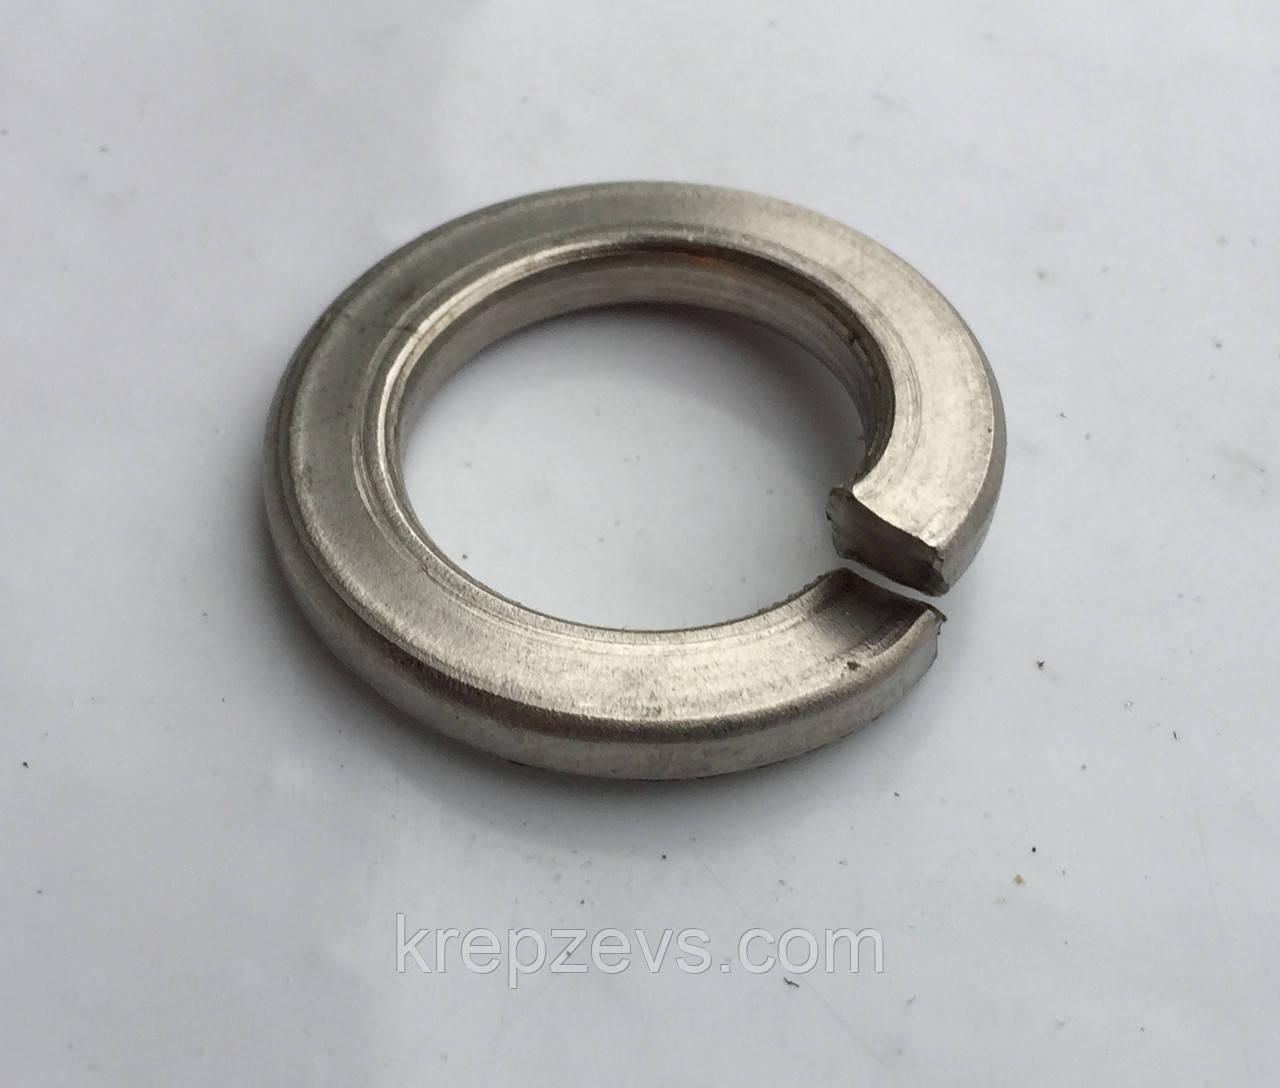 Шайба пружинная Ф8 ГОСТ 6402-70 из стали А2